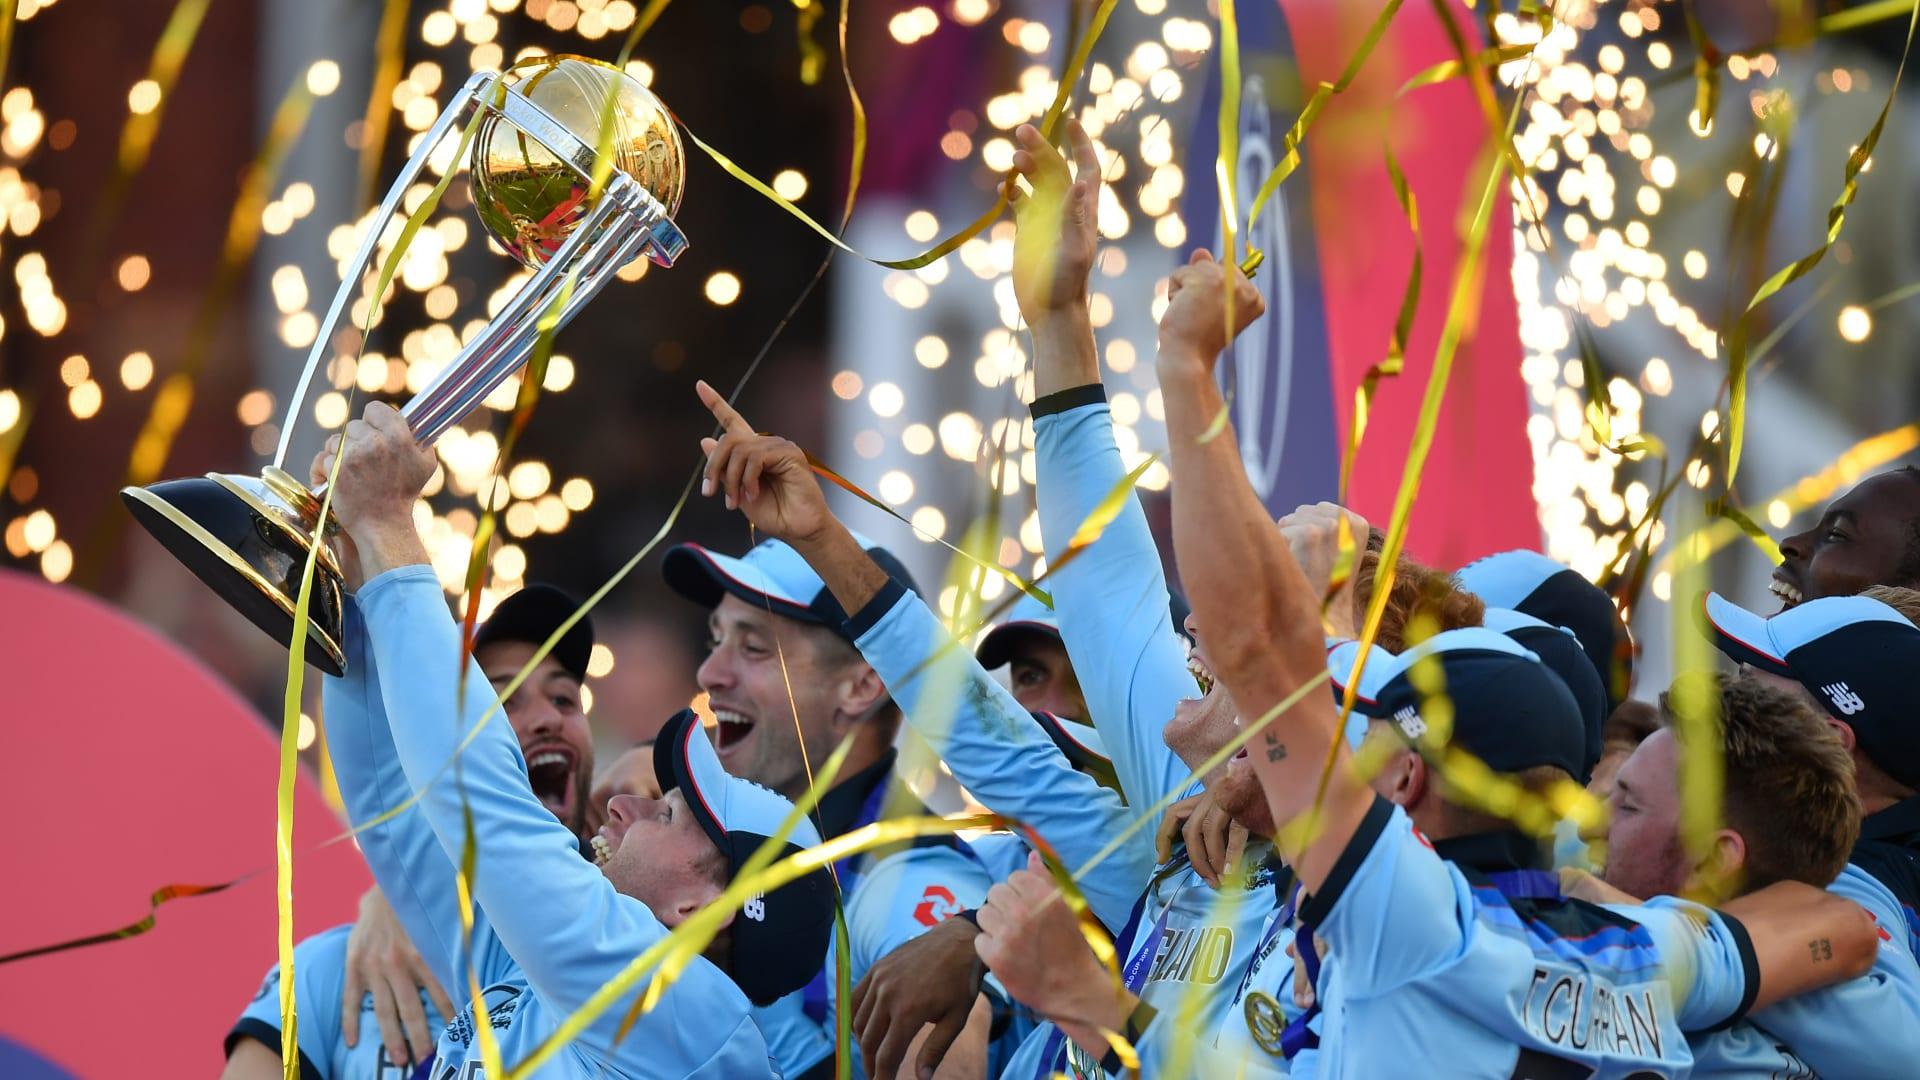 زبسبب كورونا.. نقل كأس العالم للكريكيت من الهند إلى دولتين عربيتين